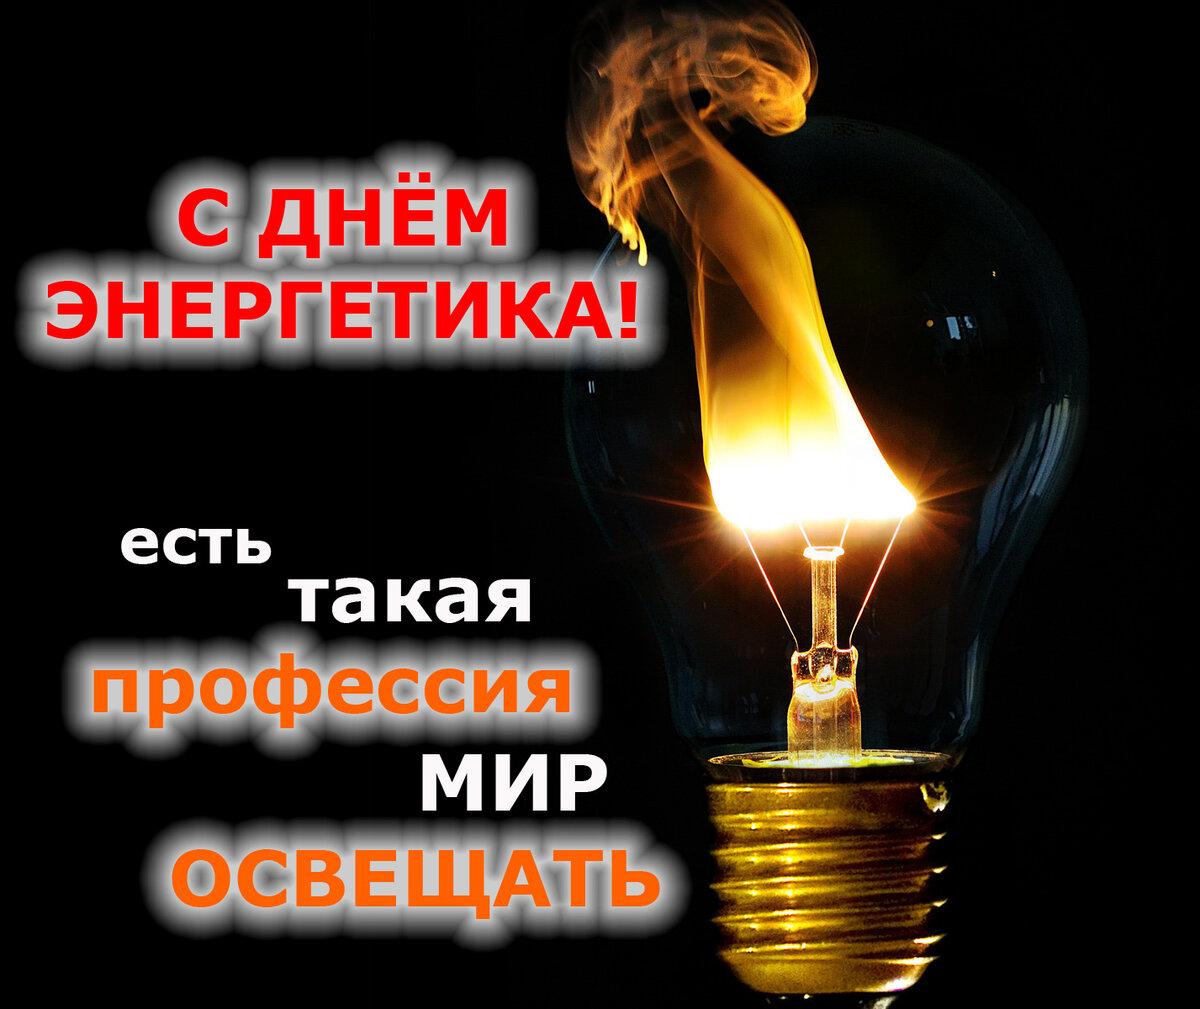 Днем рождения, картинки и поздравления ко дню энергетика